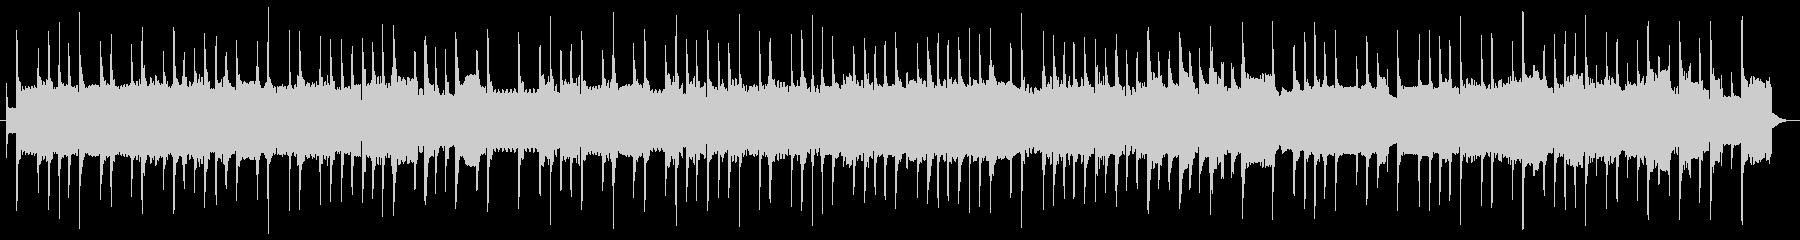 ノスタルジックなストリートオルガン曲の未再生の波形